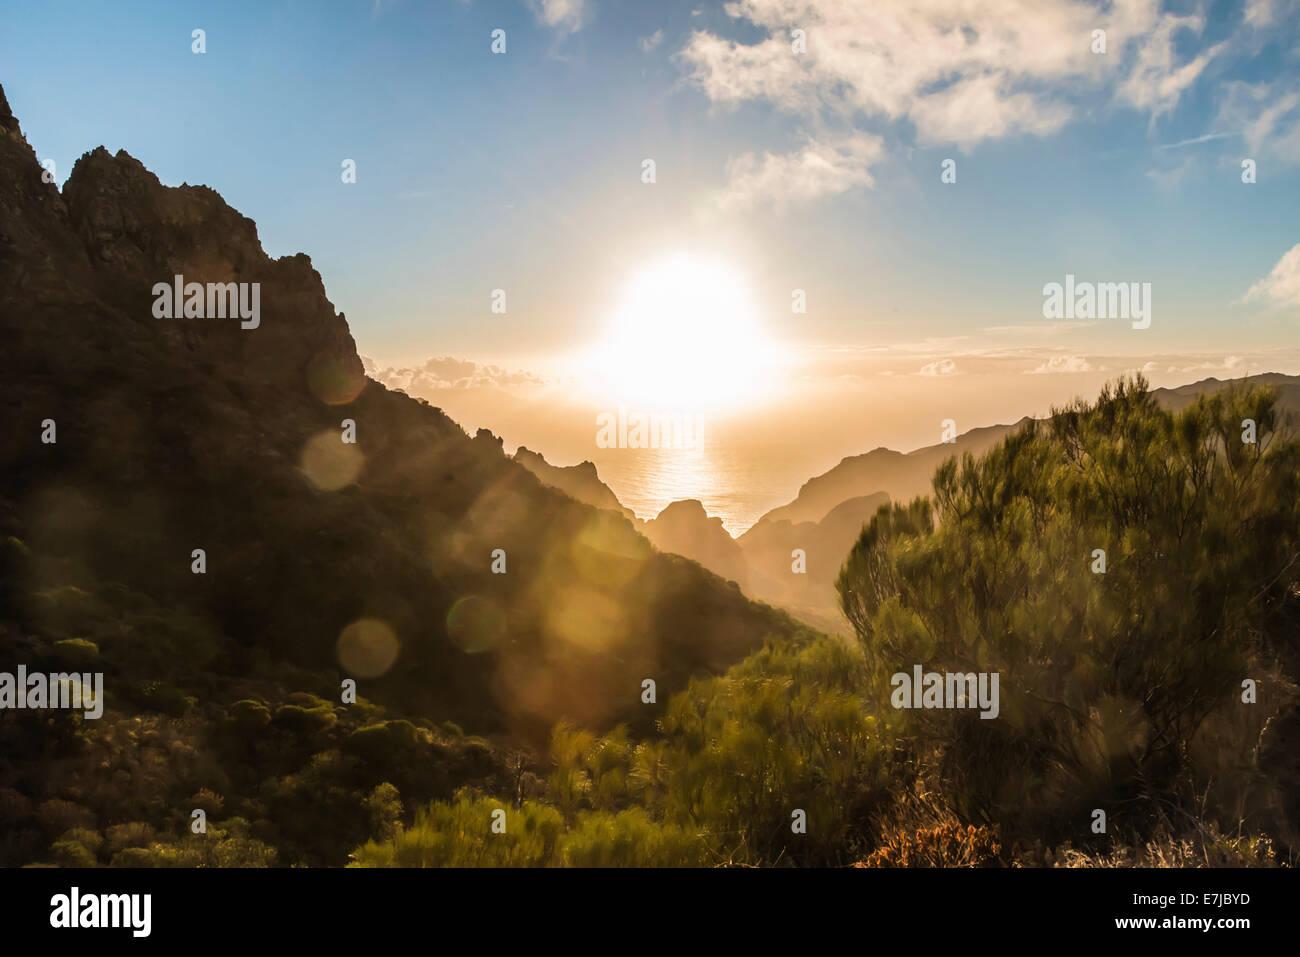 Barranco de Masca, siluetas de montaña al atardecer, Tenerife, Islas Canarias, España Imagen De Stock